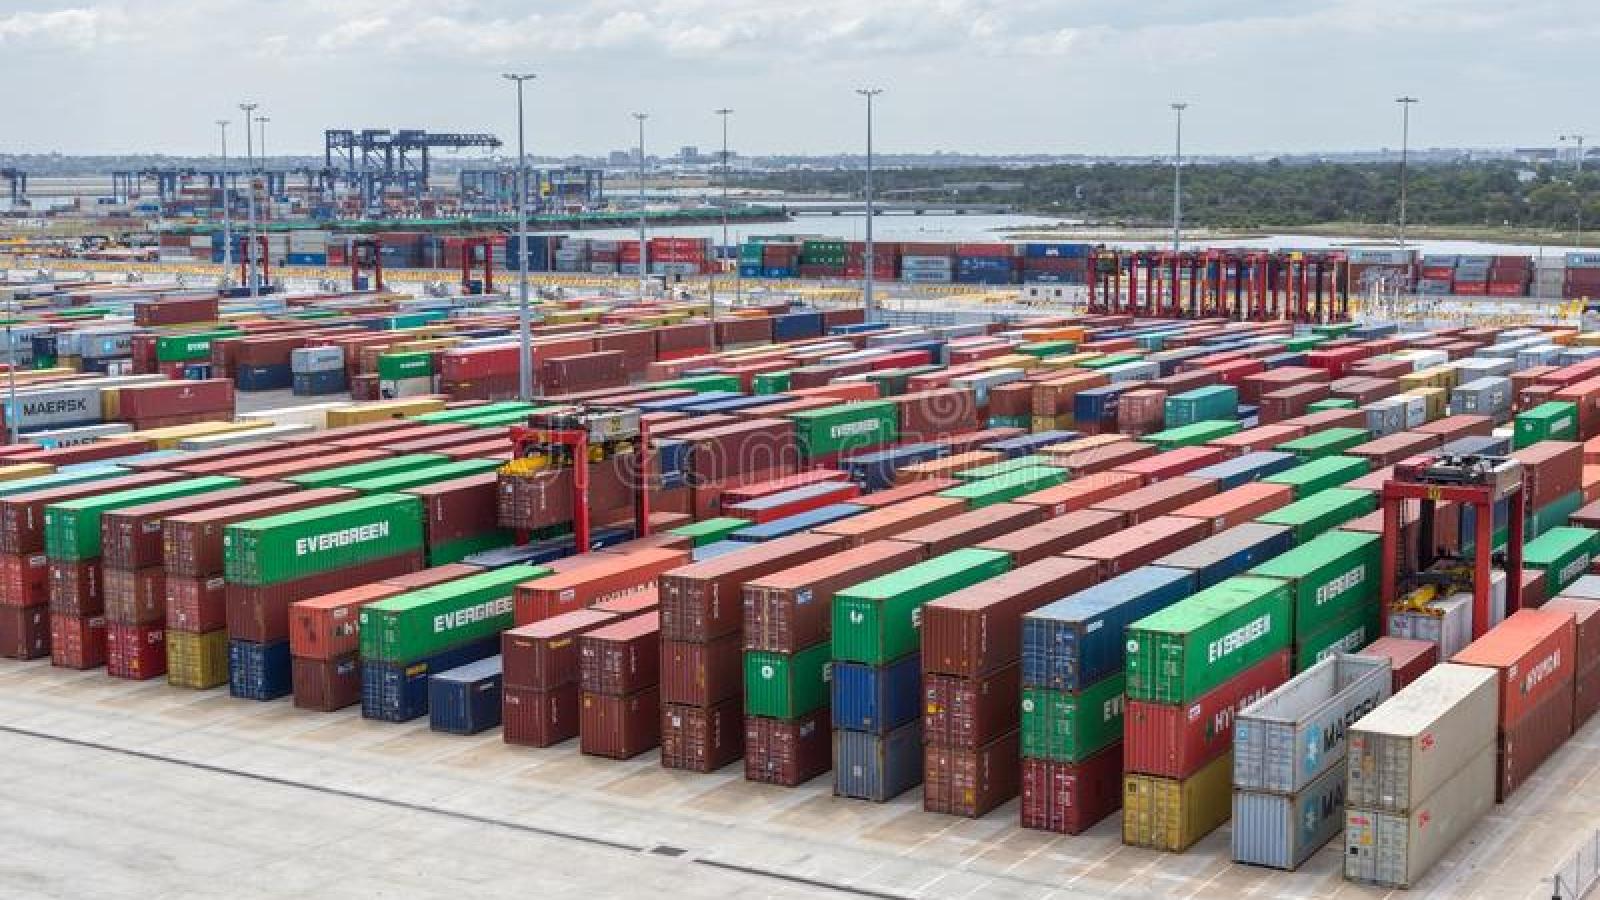 Khủng hoảng chuỗi cung ứng toàn cầu ngày càng nghiêm trọng do dịch Covid-19 bùng phát